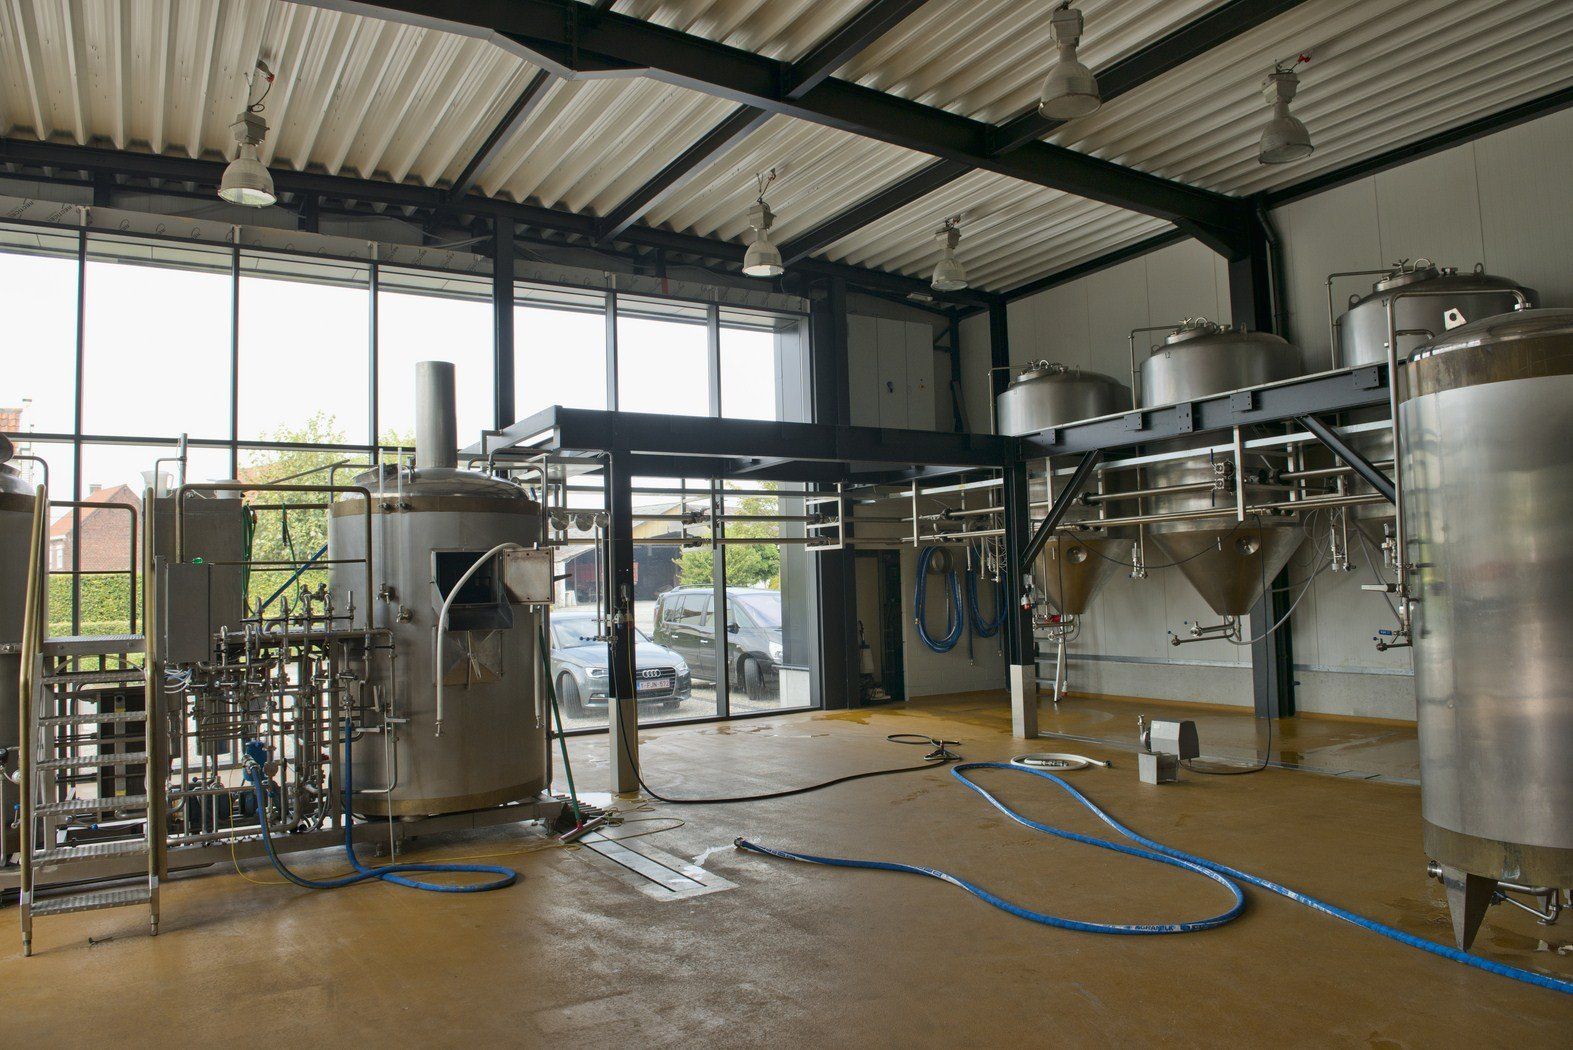 Brouwerij Gulden spoor (17)